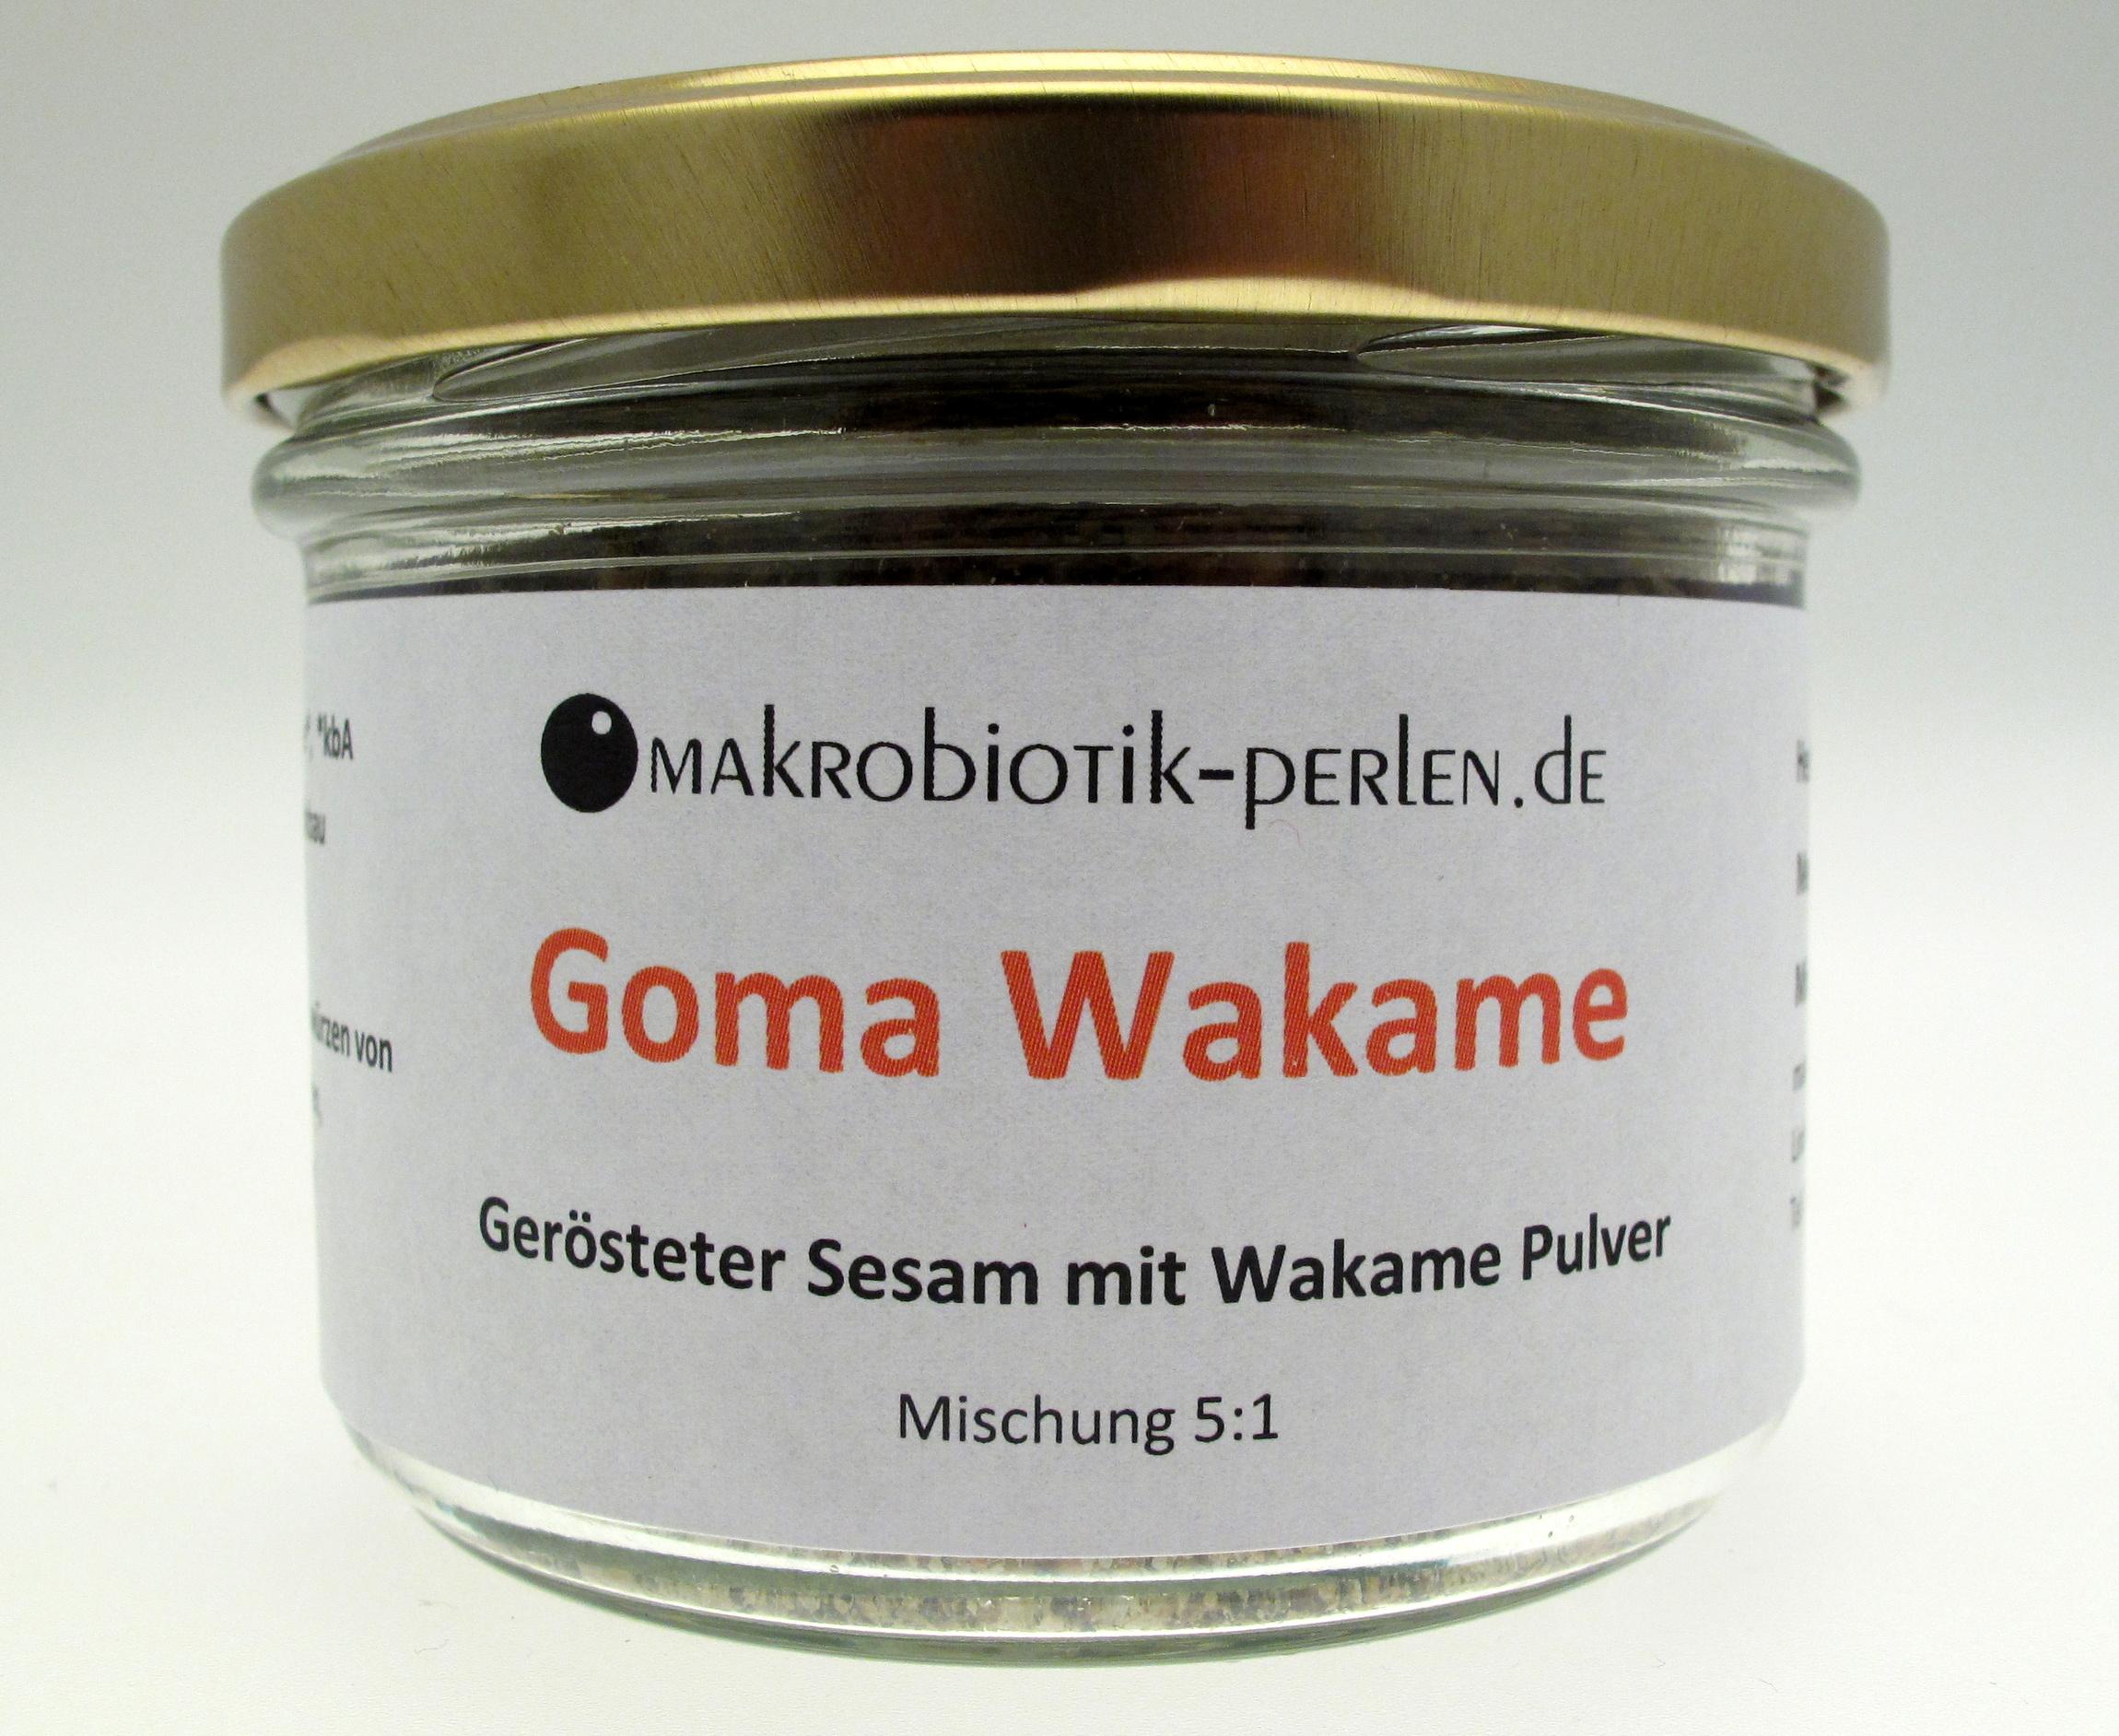 goma wakame ger steter sesam mit wakame pulver spezialit ten aus dem suribachi aus unserer. Black Bedroom Furniture Sets. Home Design Ideas